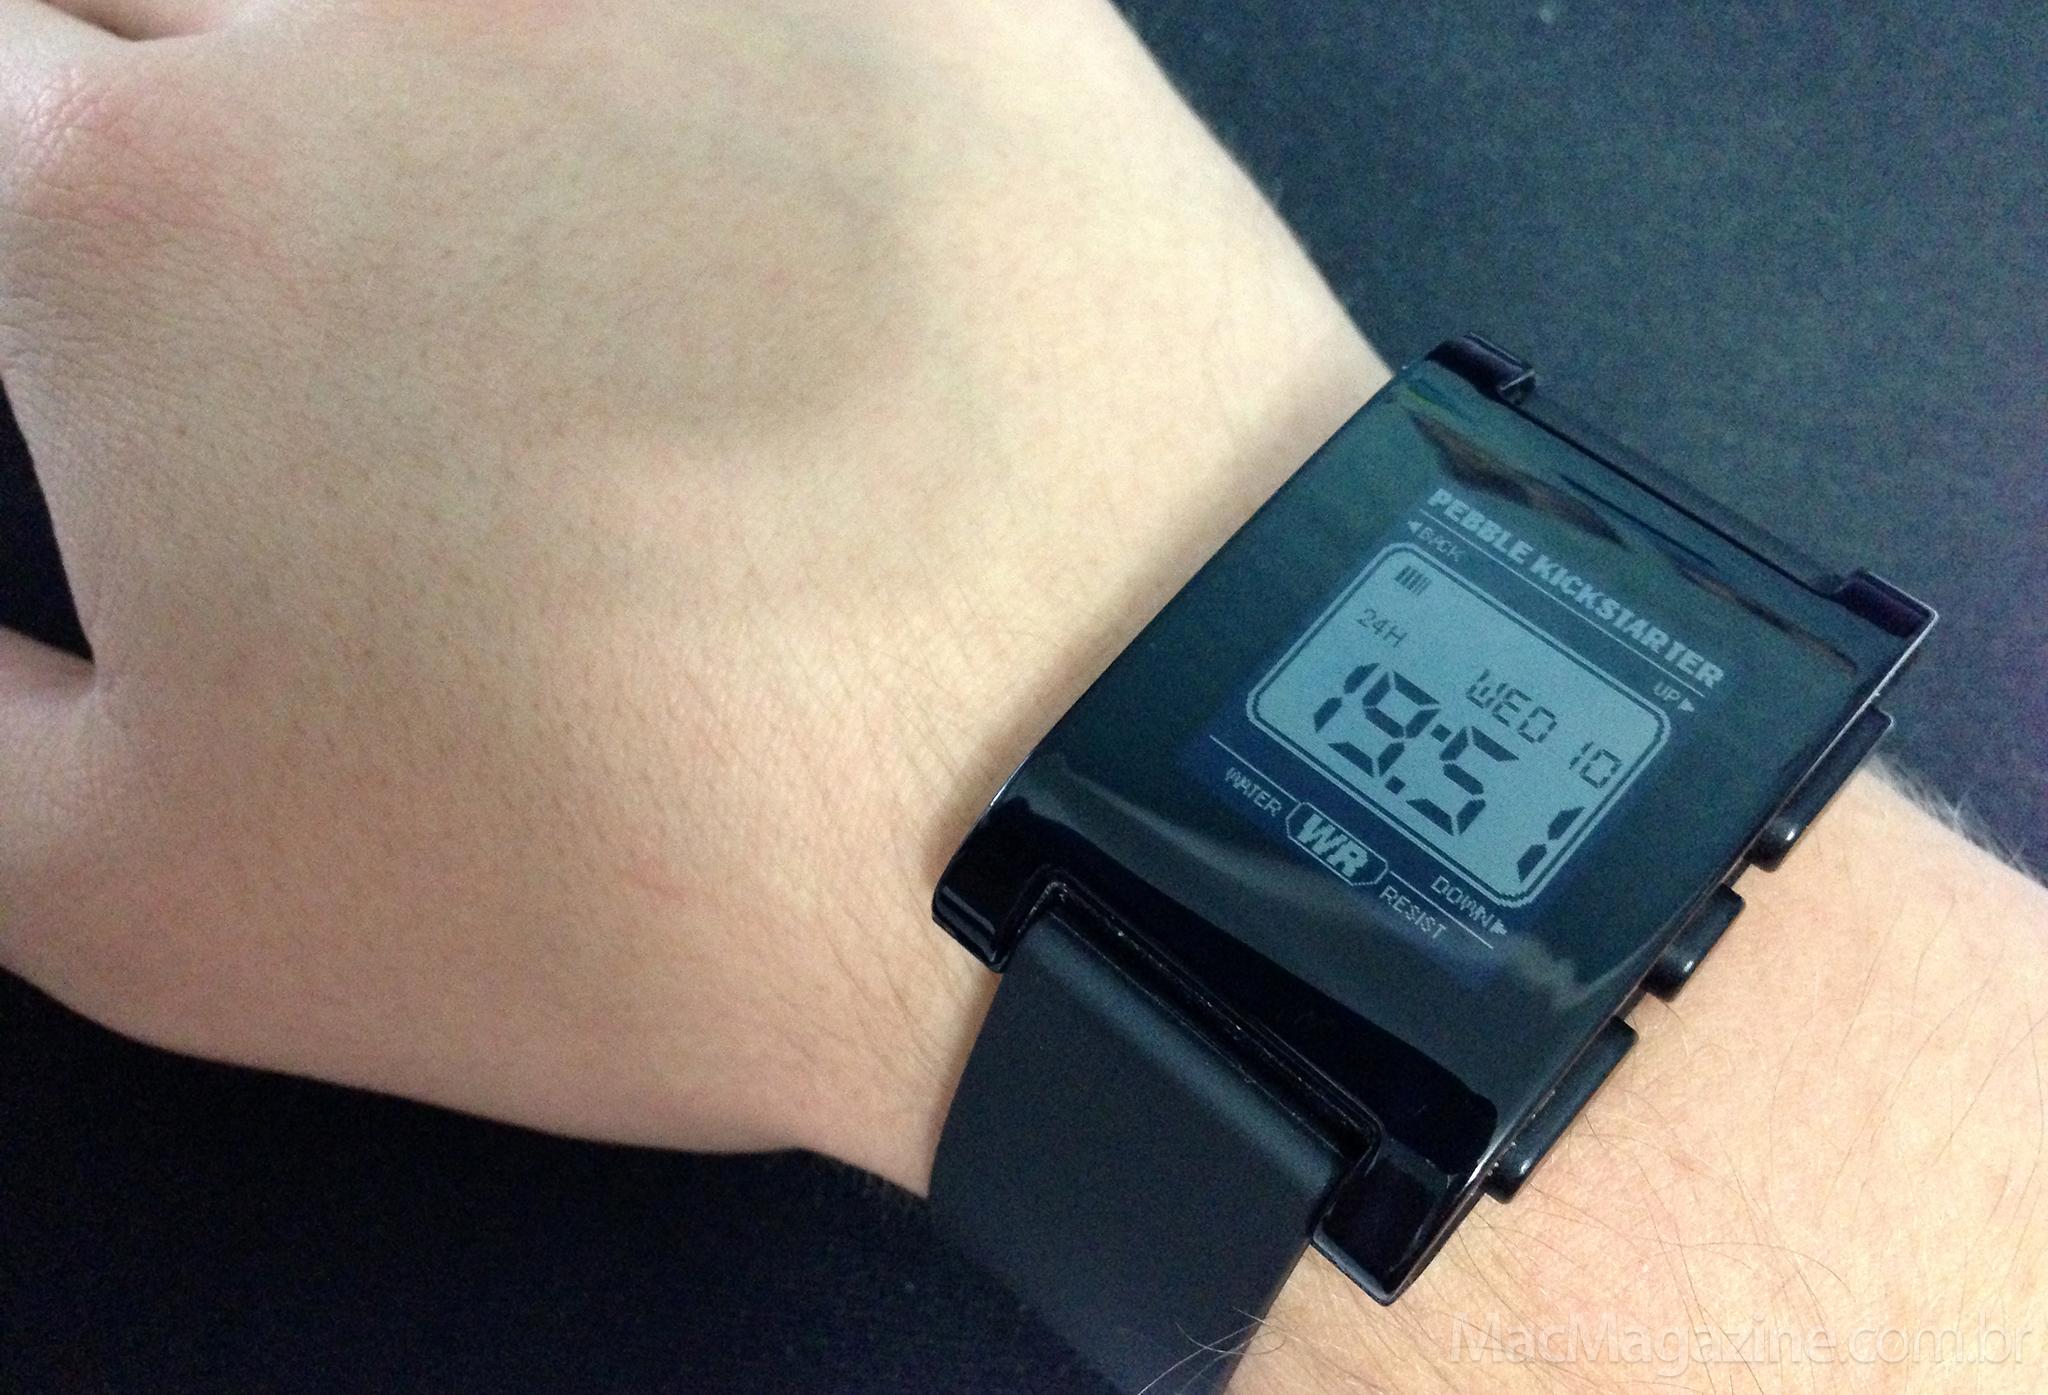 Usando o smartwatch Pebble